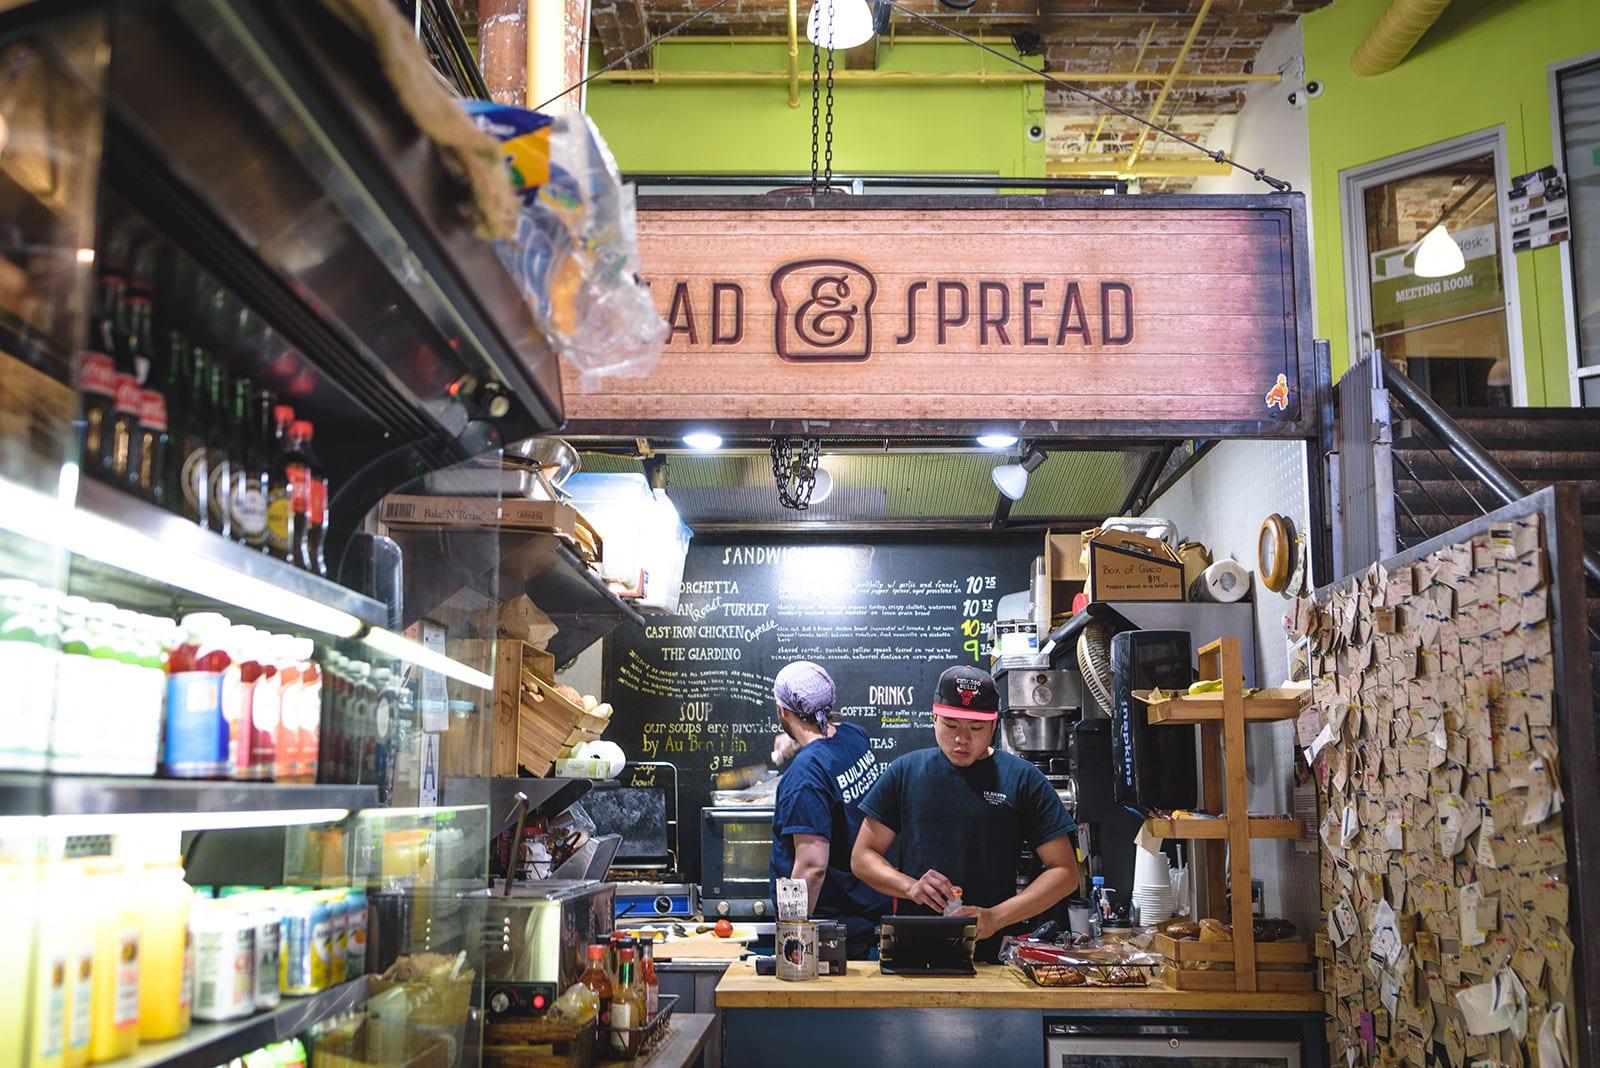 Bread & Spread Sandwich Shop